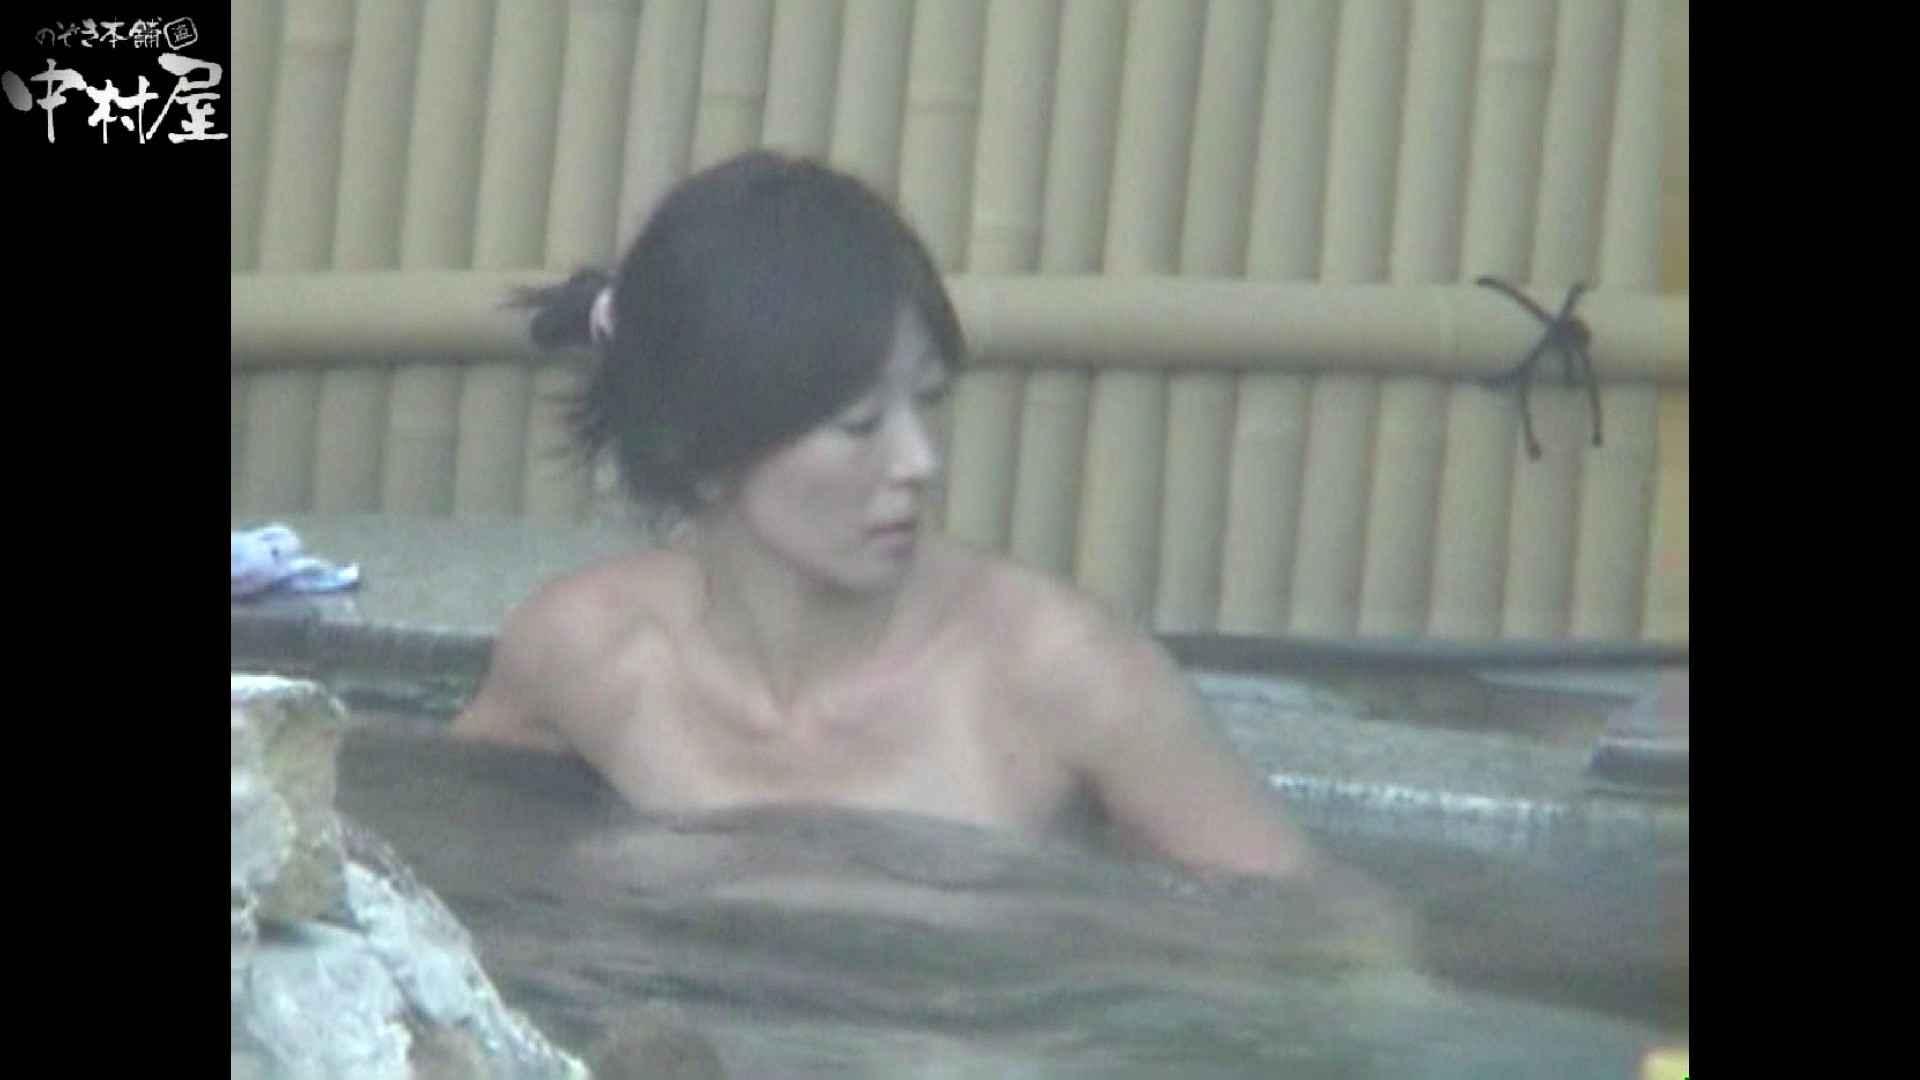 Aquaな露天風呂Vol.972 OLのエロ生活  105連発 99